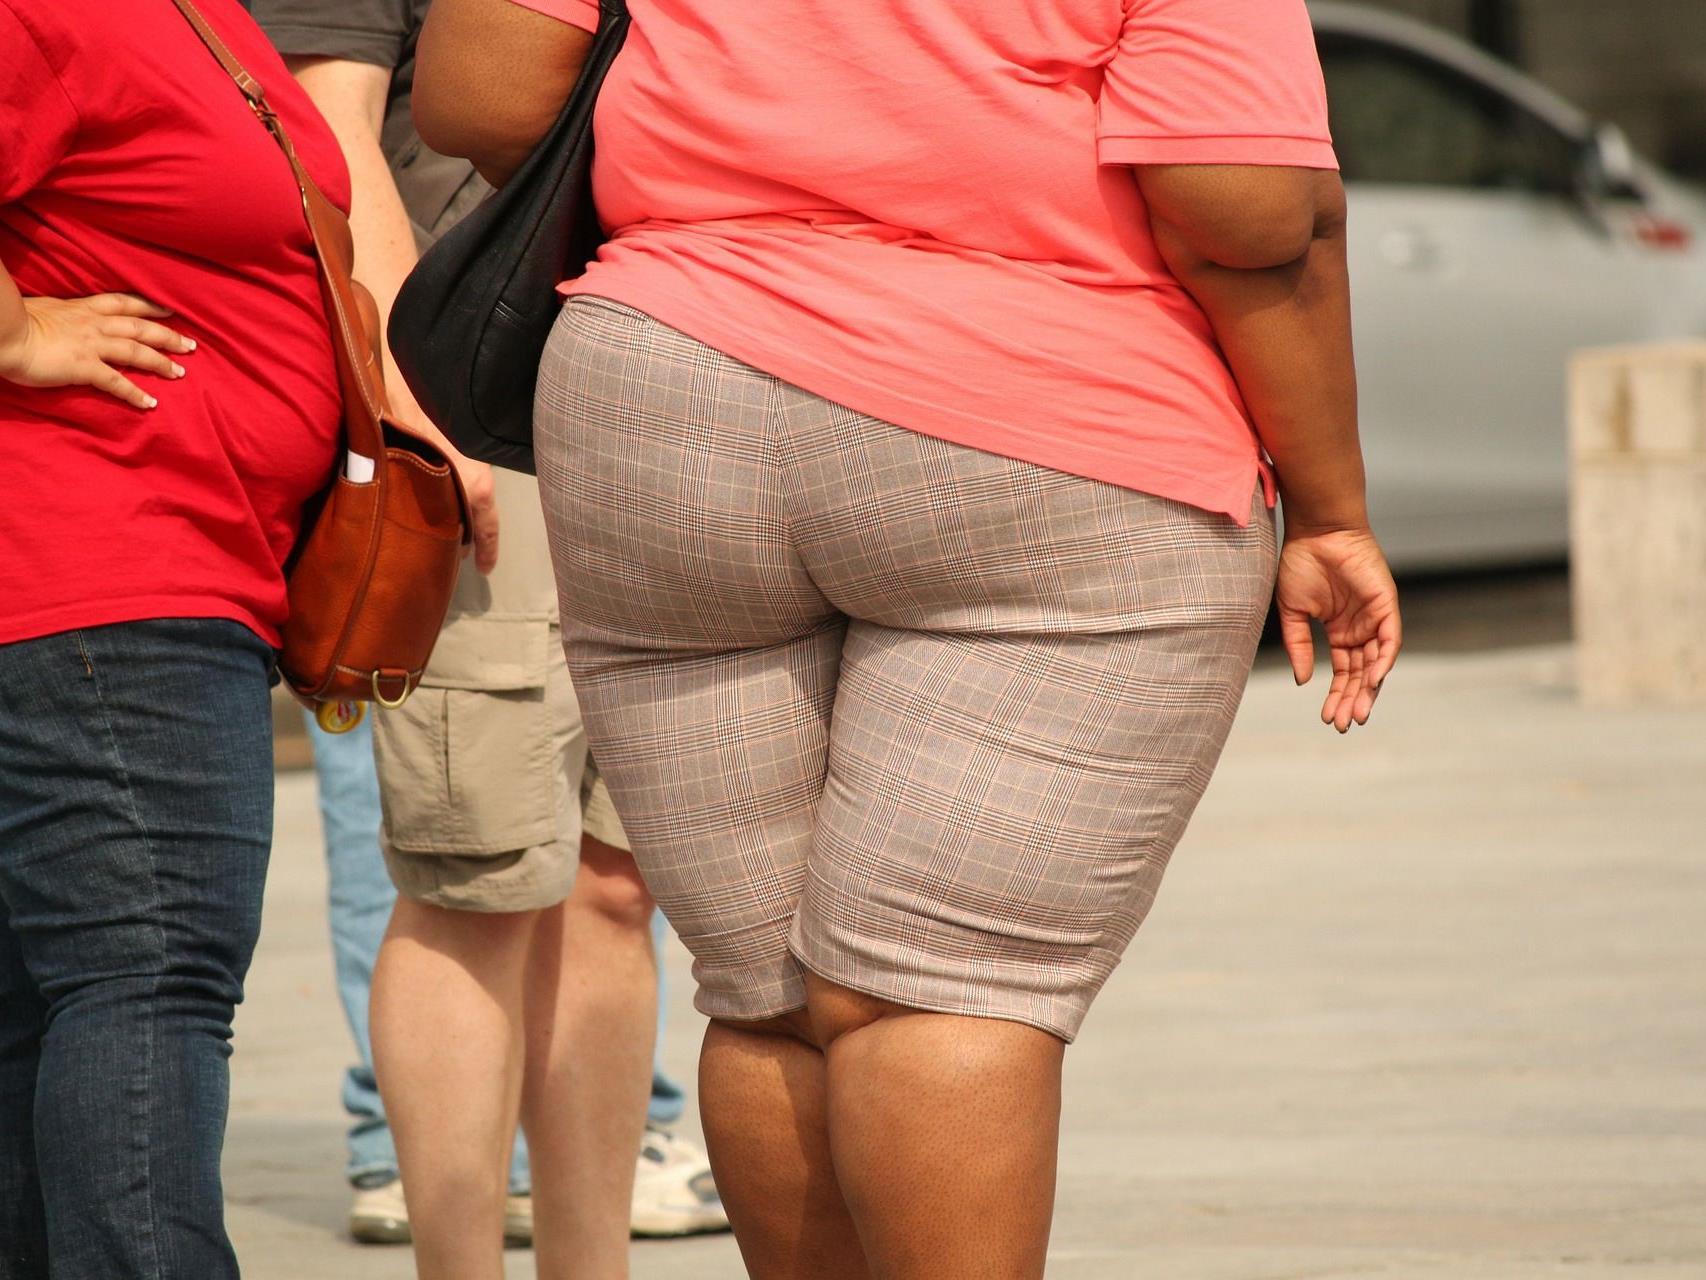 Laut Forschern macht Hausstaub übergewichtig.